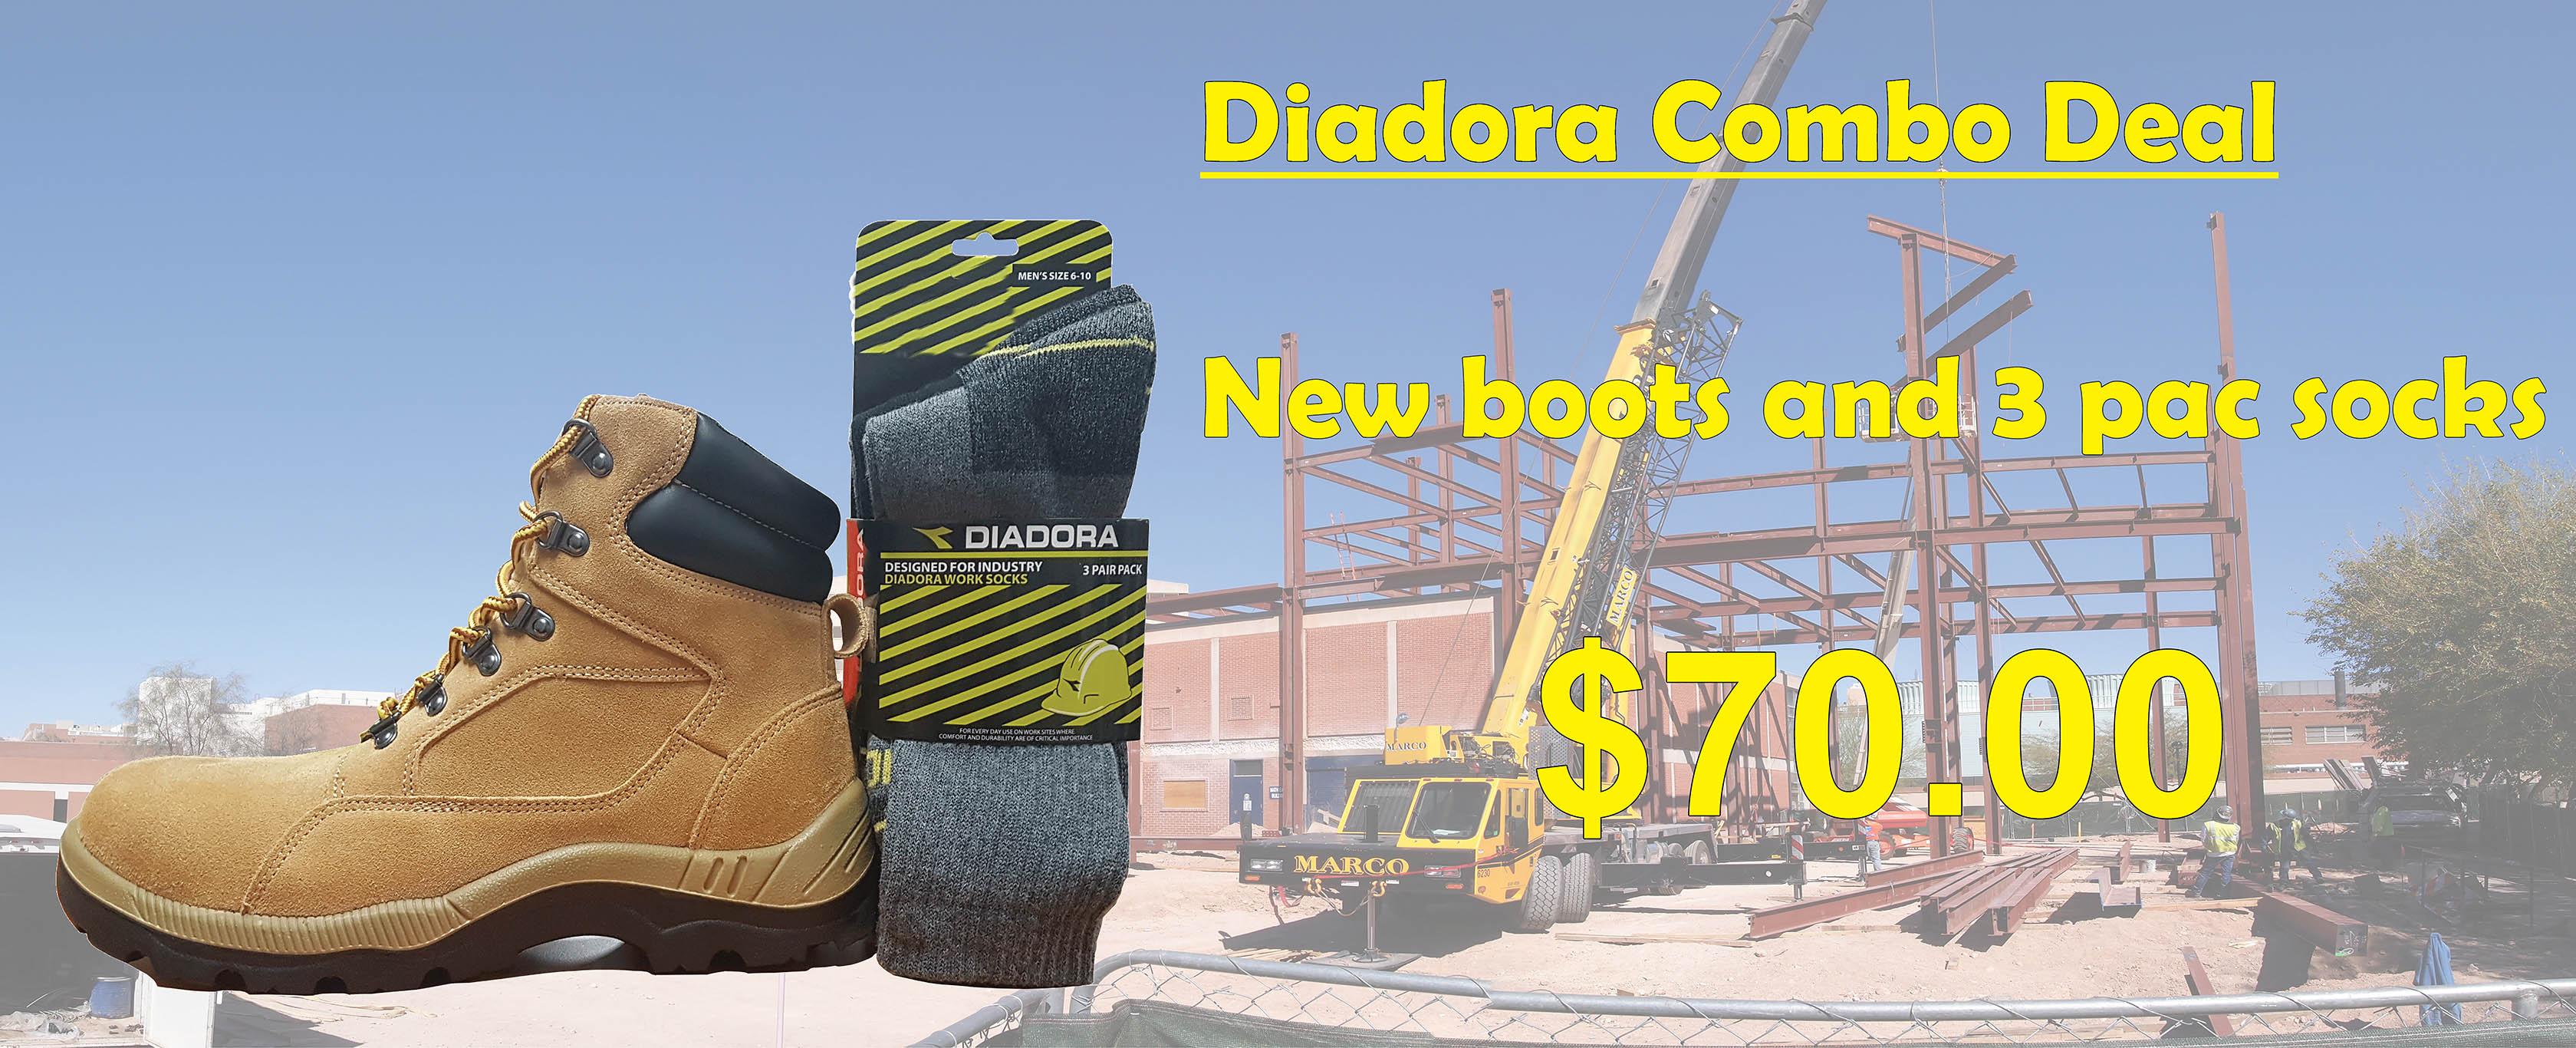 Diadora_combo